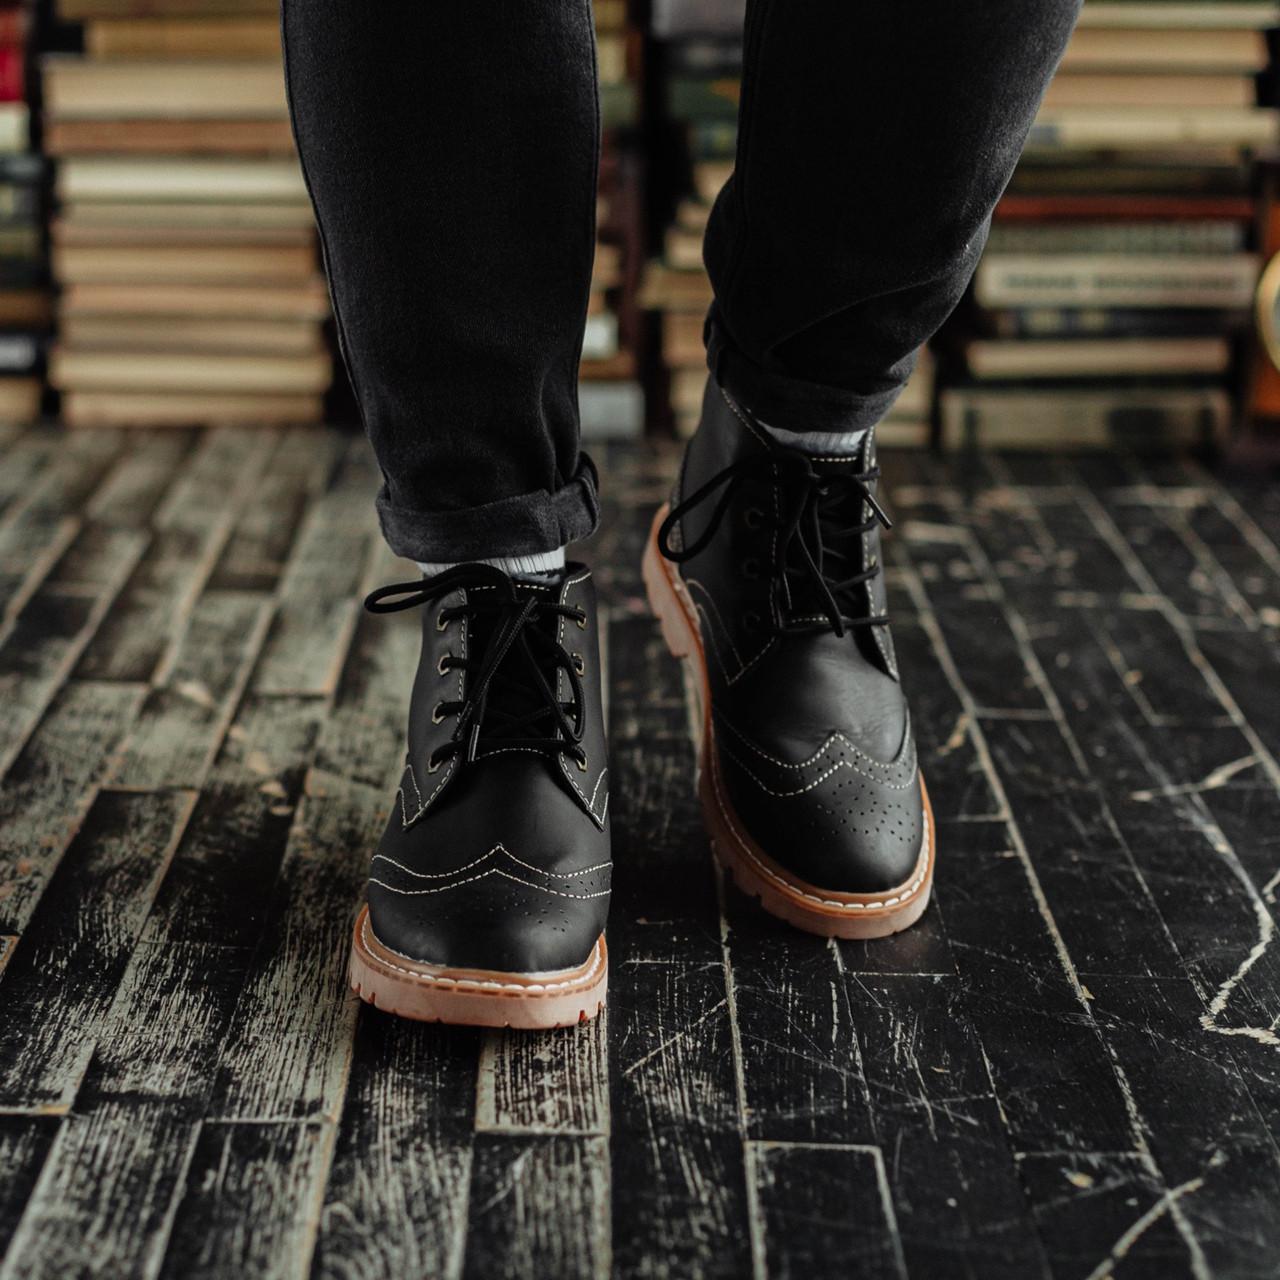 Мужские зимние ботинки South Rebel black. Натуральная кожа и мех. Премиум качество